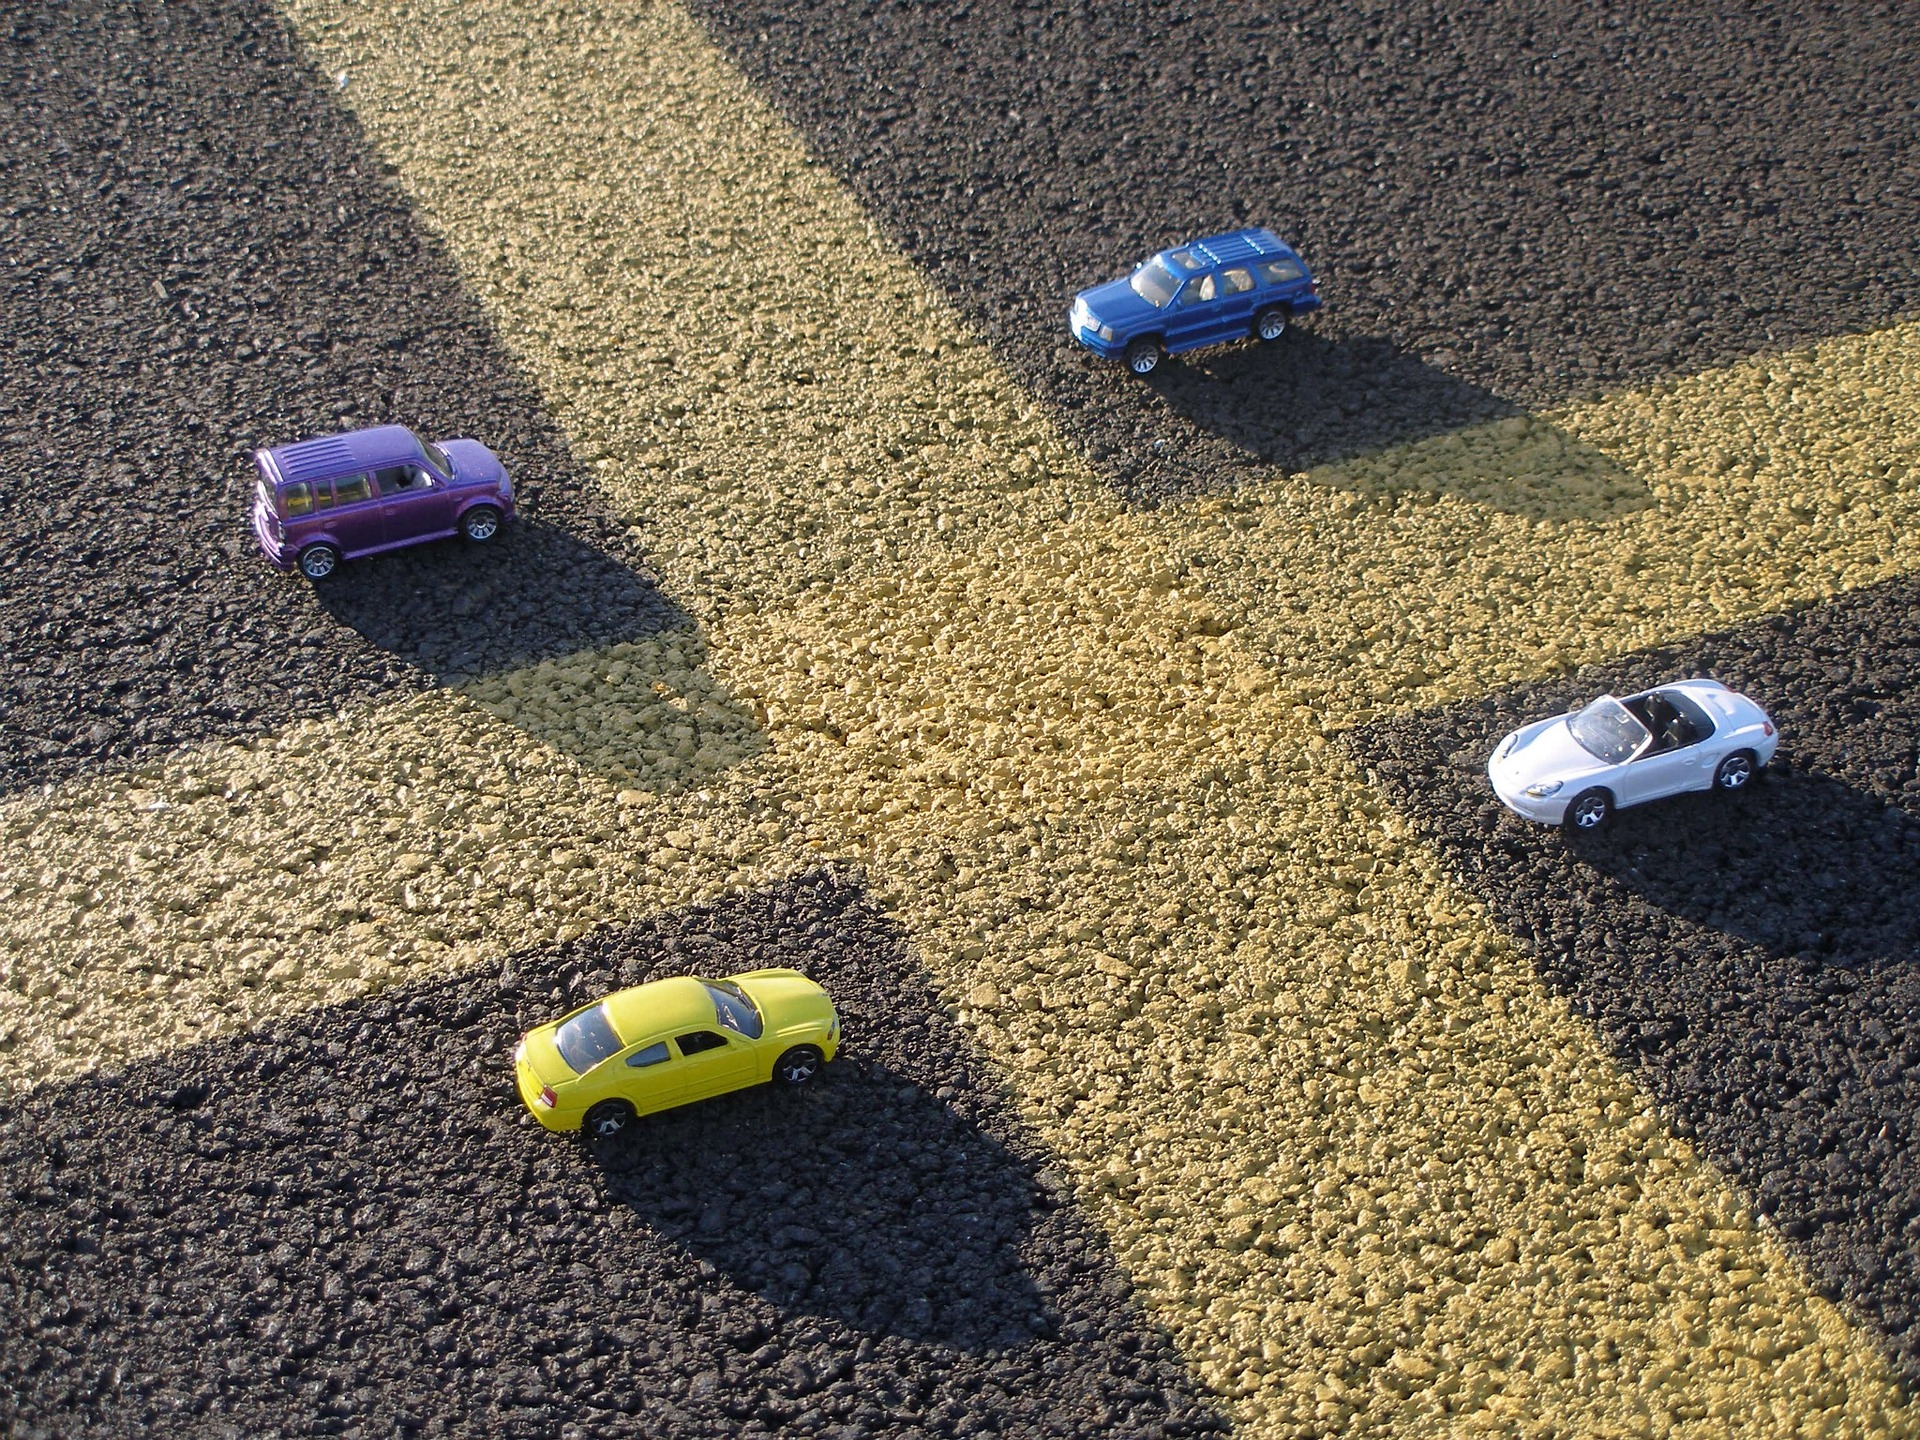 HAW äussert sich skeptisch zur Vorlage Parkplatzbewirtschaftung /Anpassung der Parkierungsverordnungen